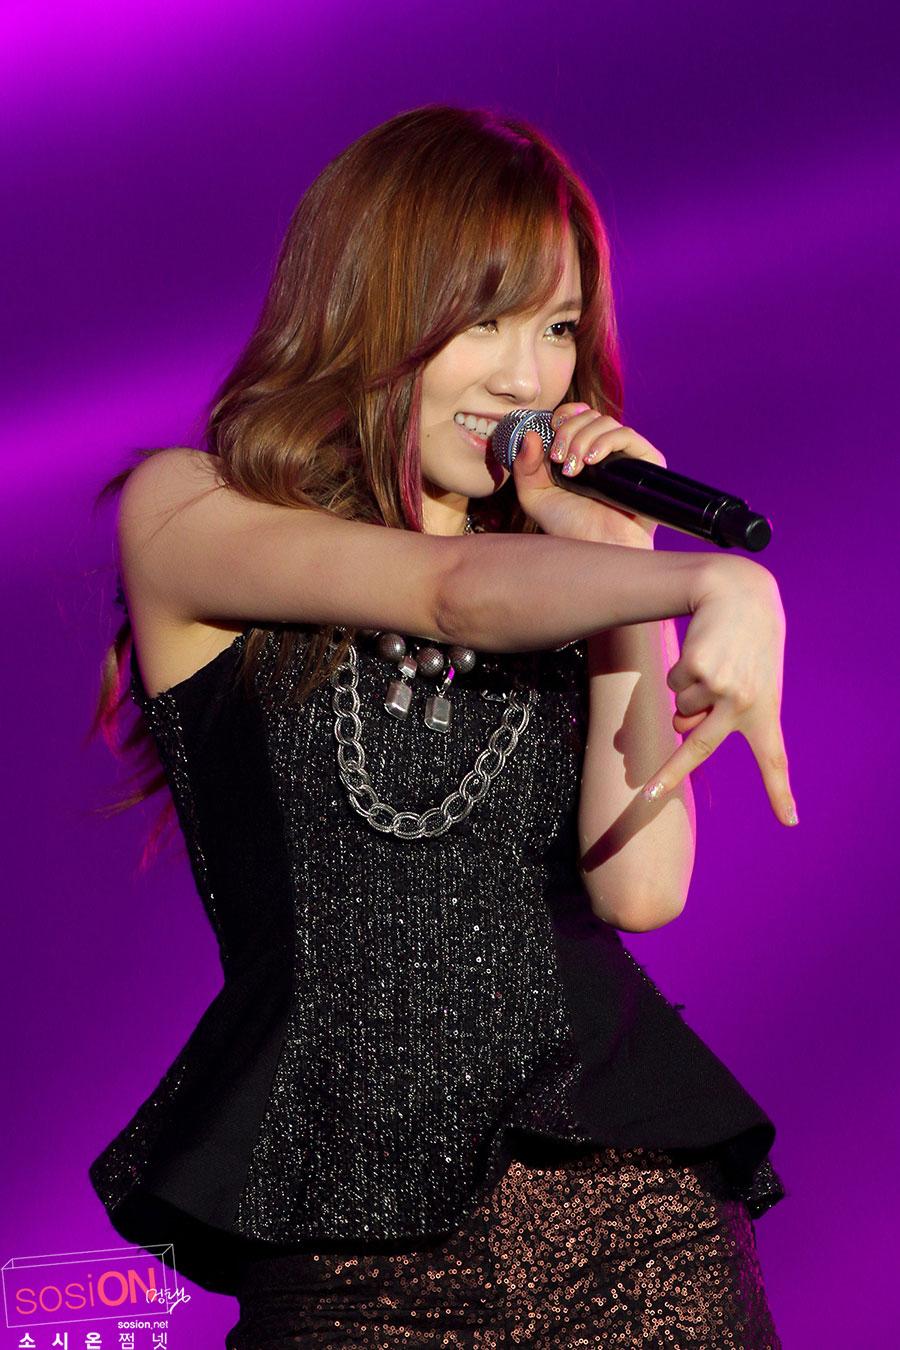 [PICS][20/7/2012] Taeyeon @ Yeosu Expo Concert 201 Taeyeon-yeosu-concert-10